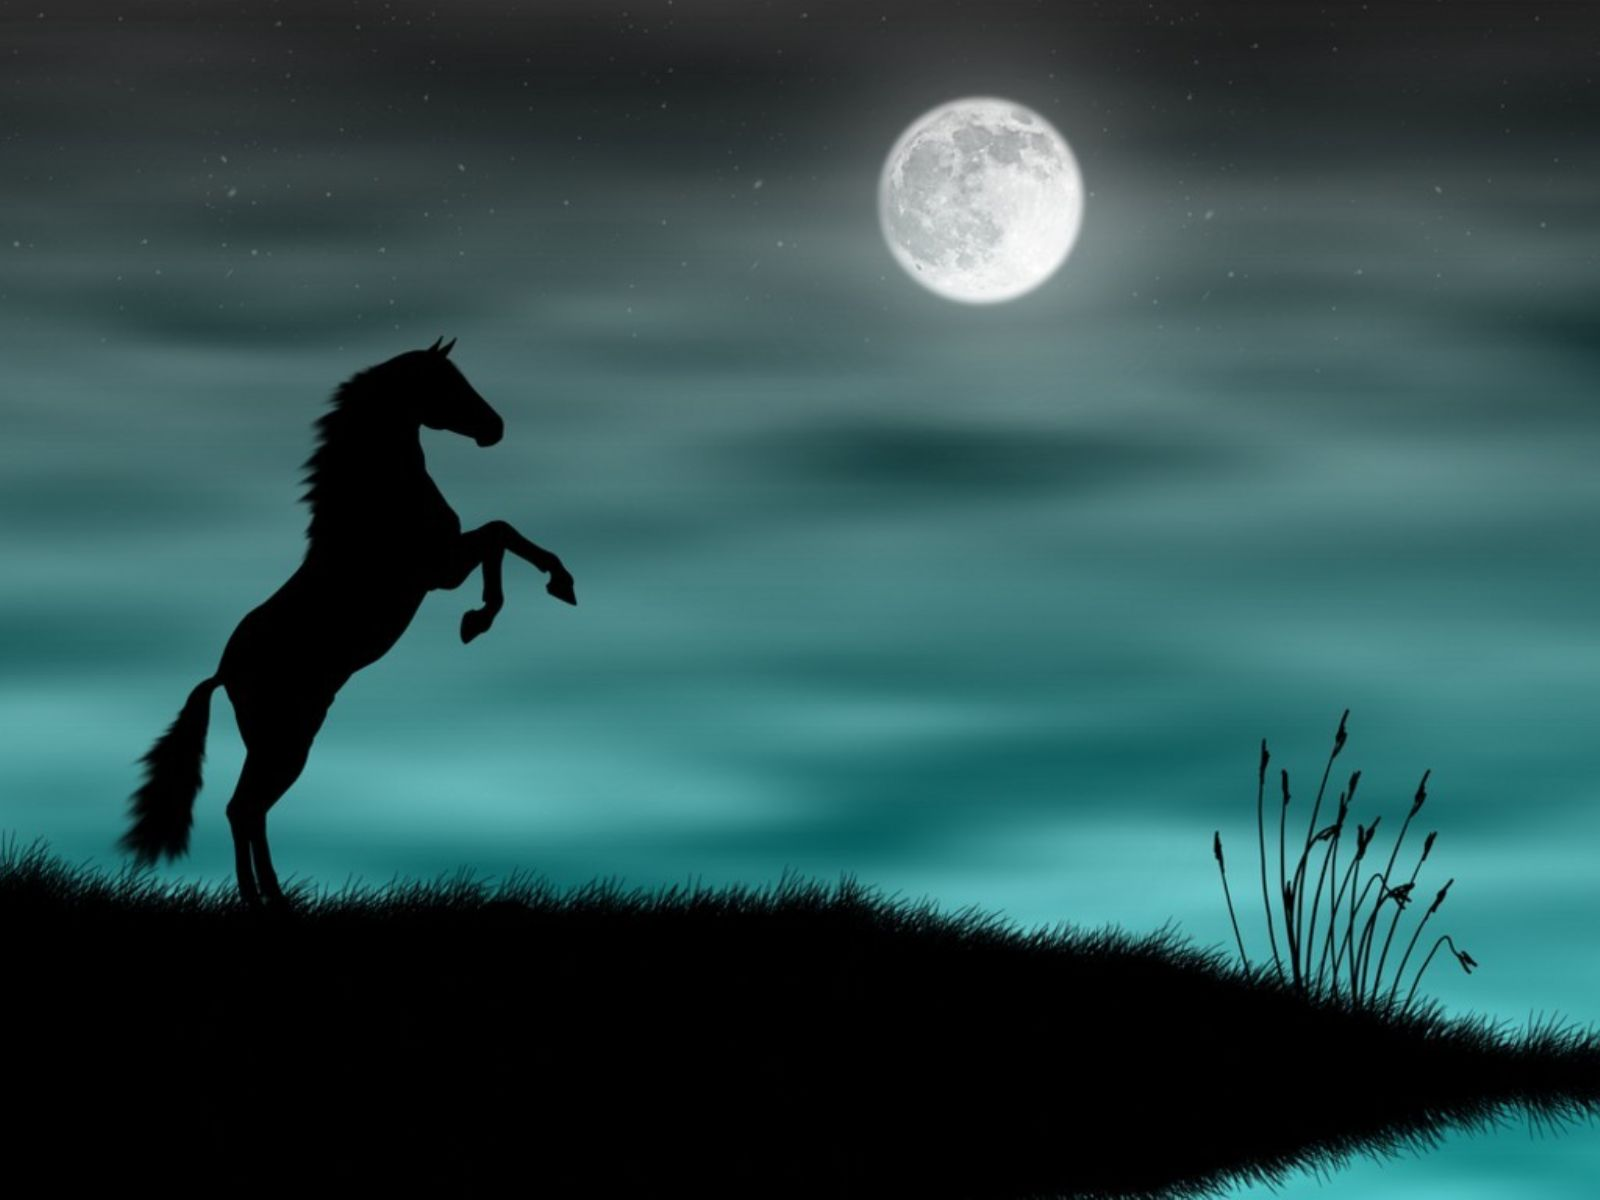 http://www.animaatjes.nl/wallpapers/wallpapers/paarden/animaatjes-paarden-35151.jpg